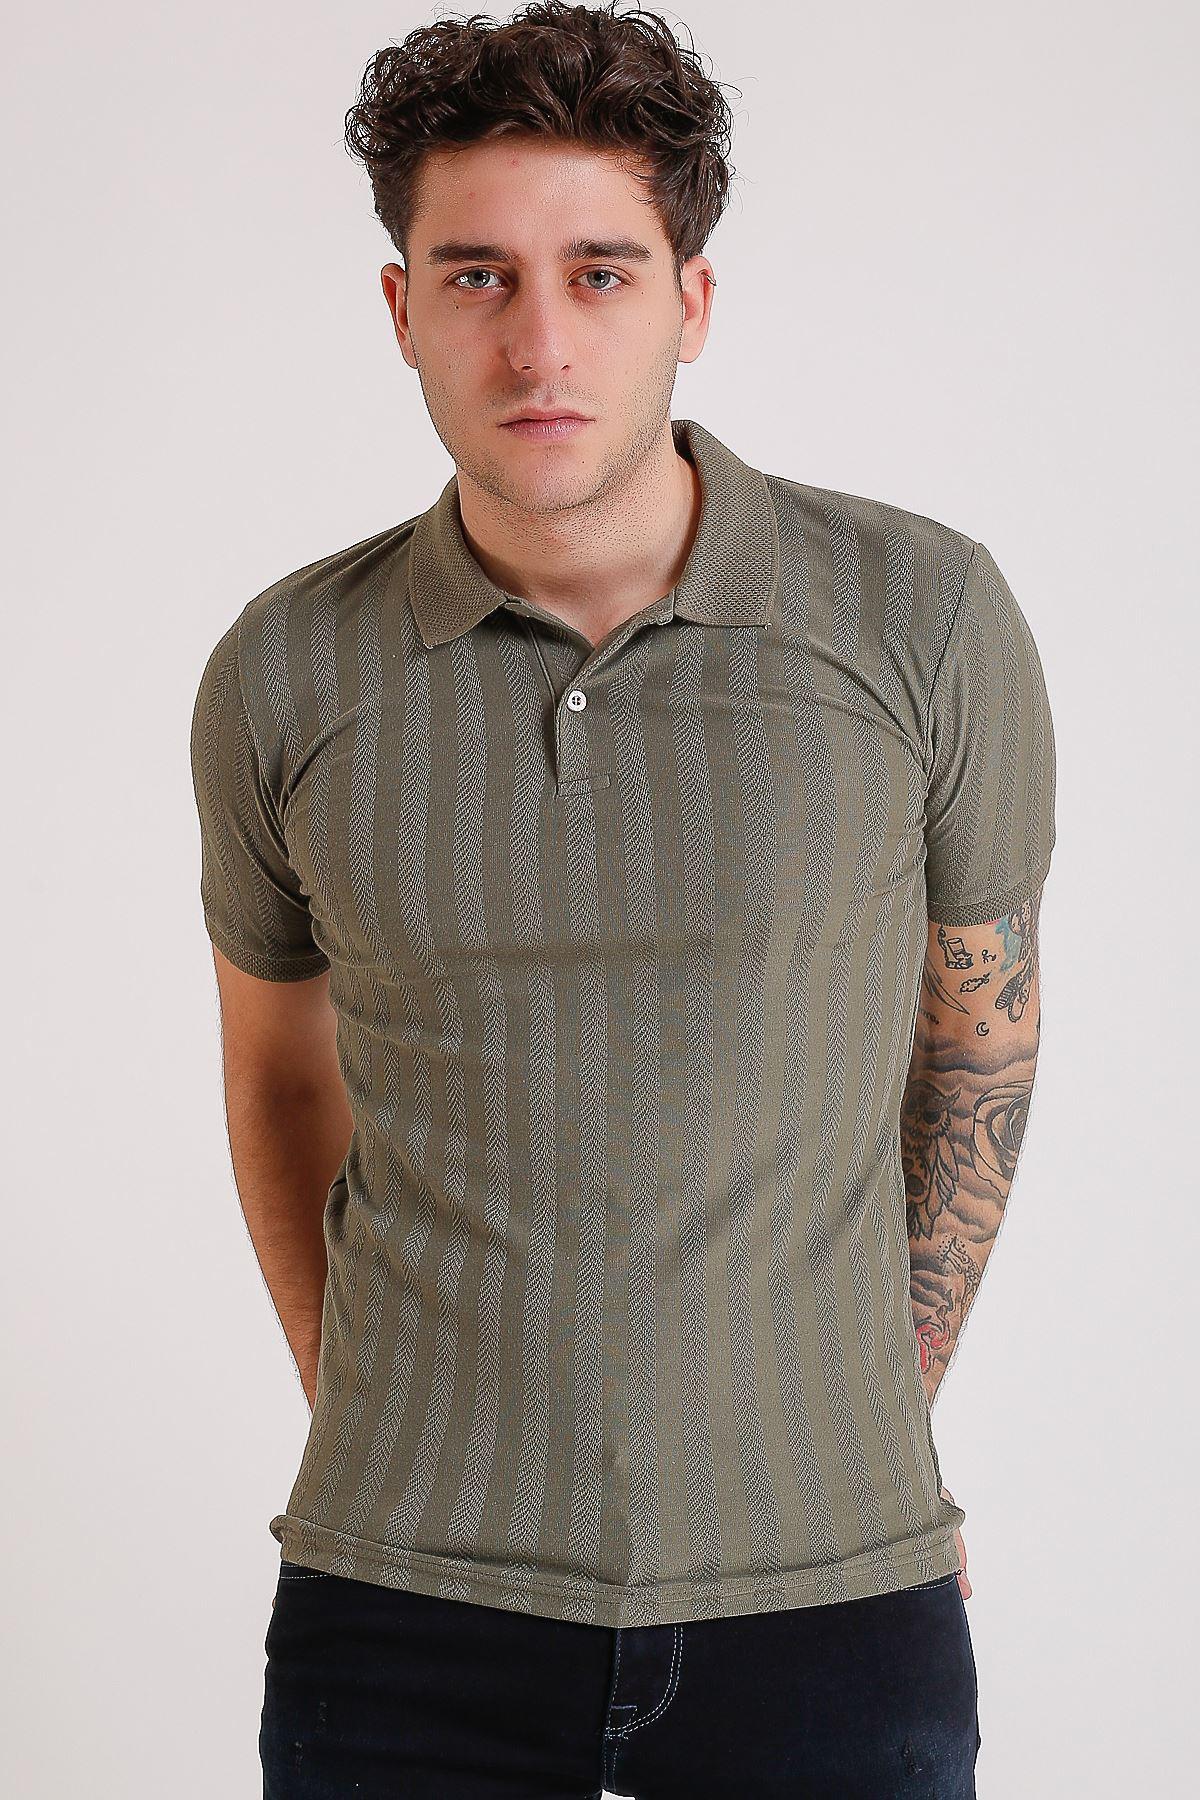 Erkek Polo yaka Örme Haki T-Shirt